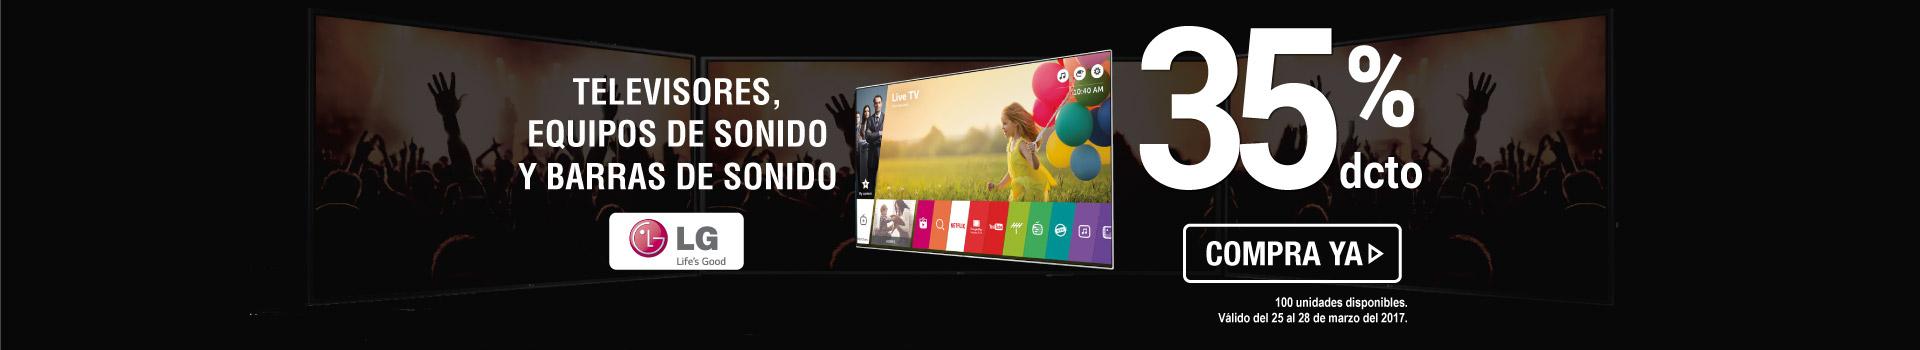 35 Dto tv y equipos LG -  tv y video